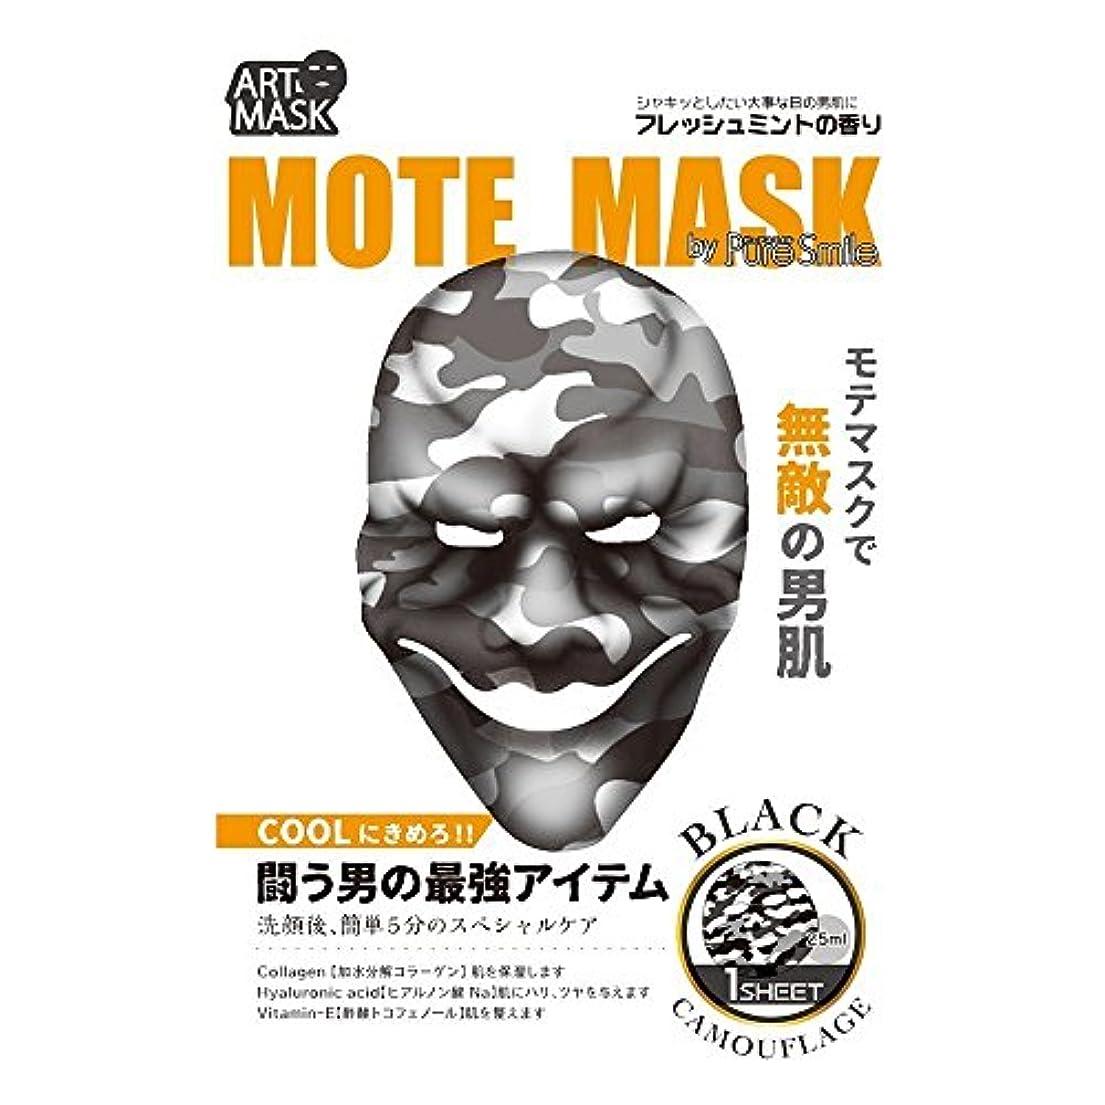 裁量排泄物ゲインセイピュアスマイル モテマスク グリーンカモフラージュ MA01 【ワイルド】